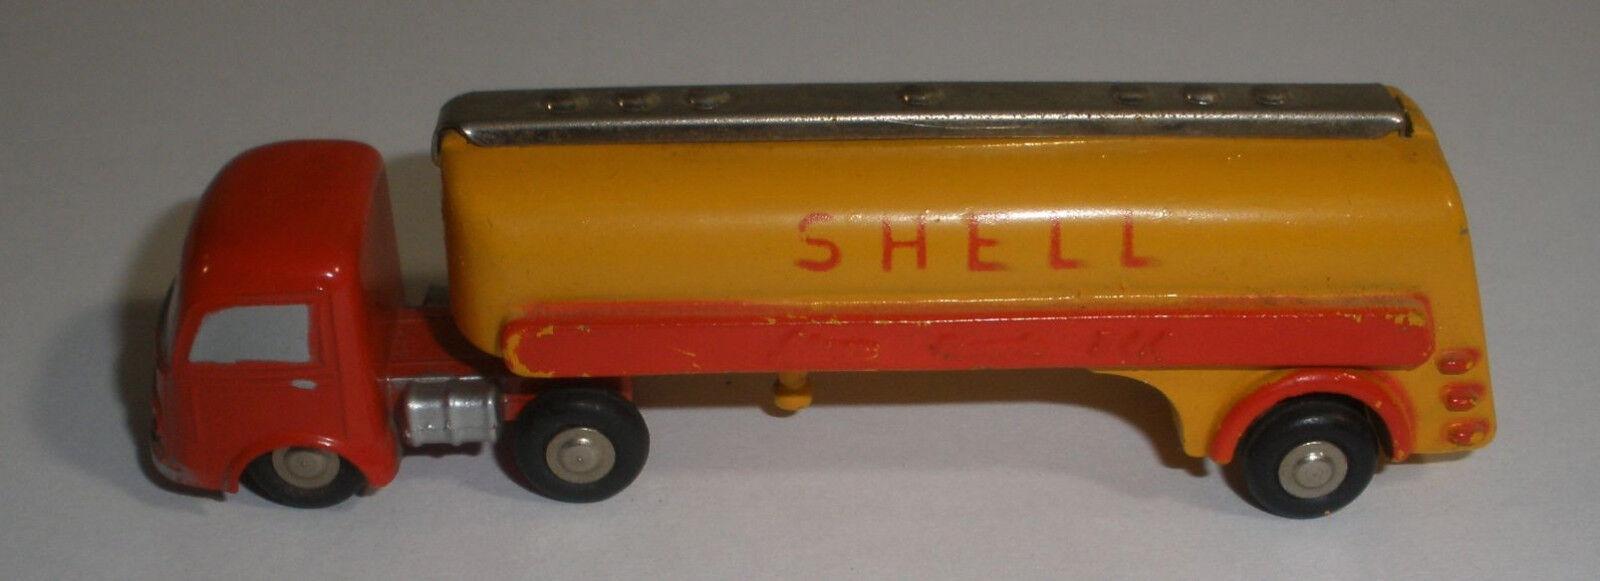 Schuco piccolo shell tanker sehr schönen zustand